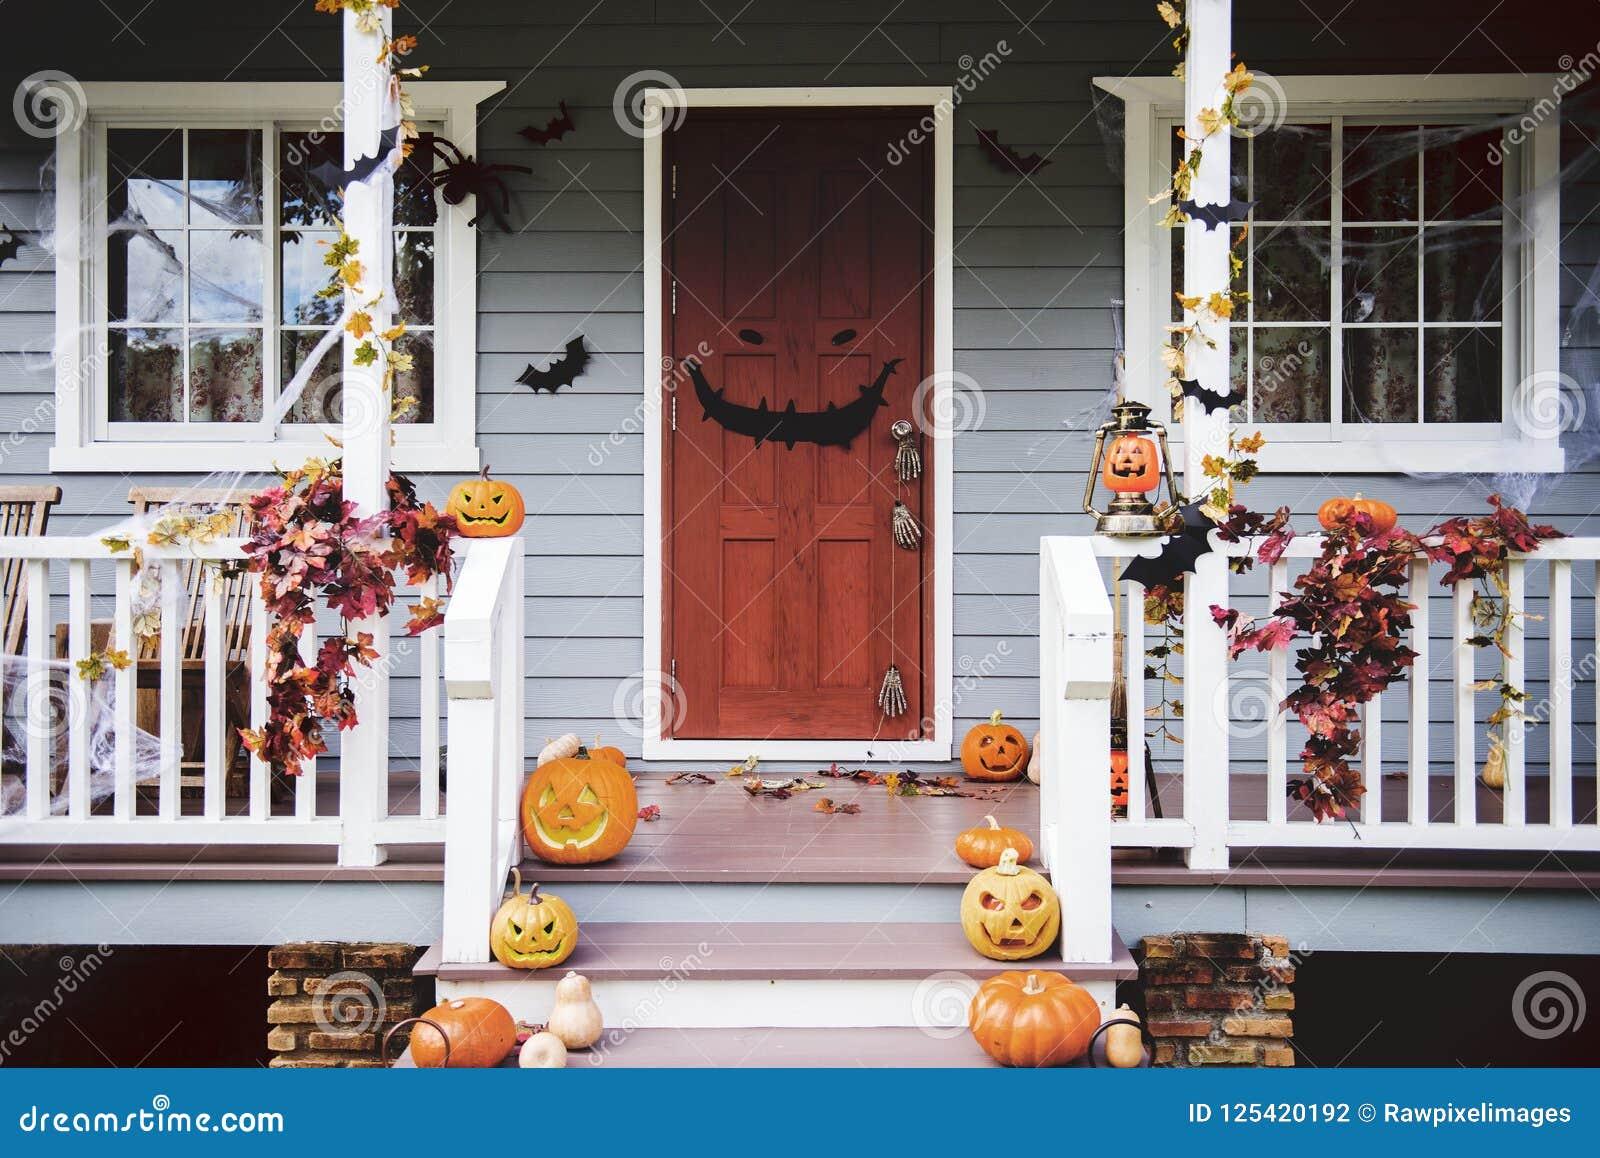 Halloween Decoratie Voor Buiten.De Pompoenen En De Decoratie Van Halloween Buiten Een Huis Stock Foto Image Of Spookachtig Pompoenen 125420192